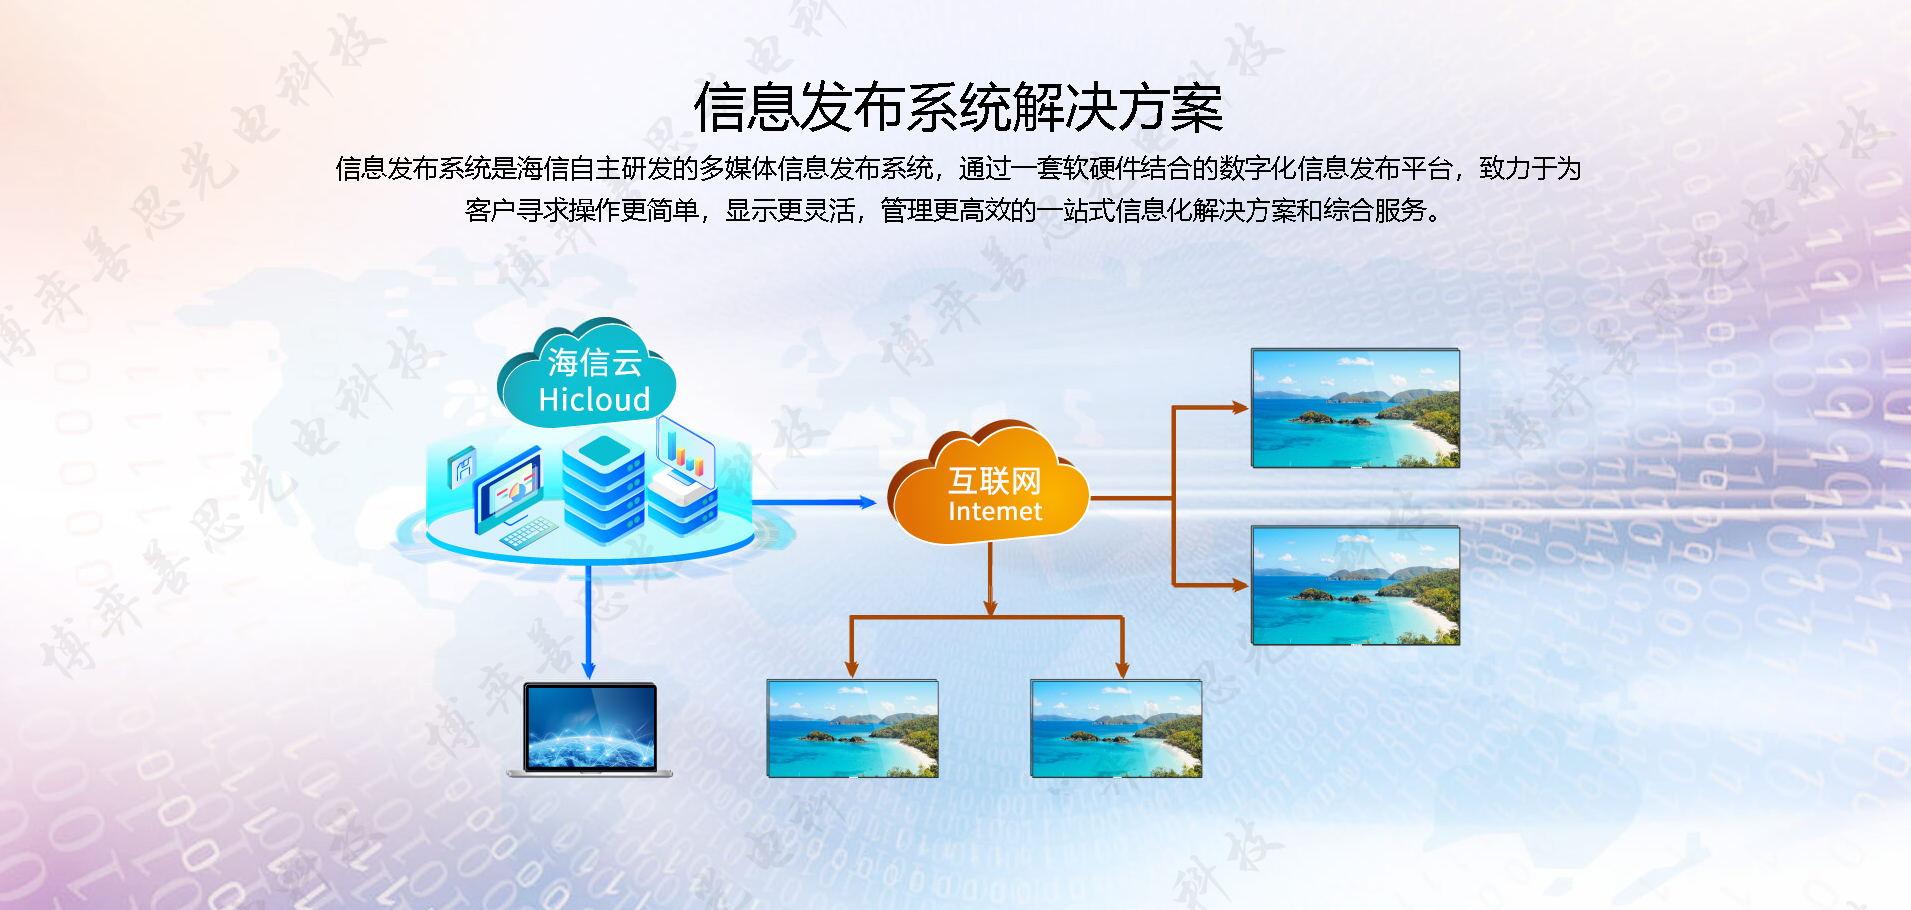 信息发布系统解决方案